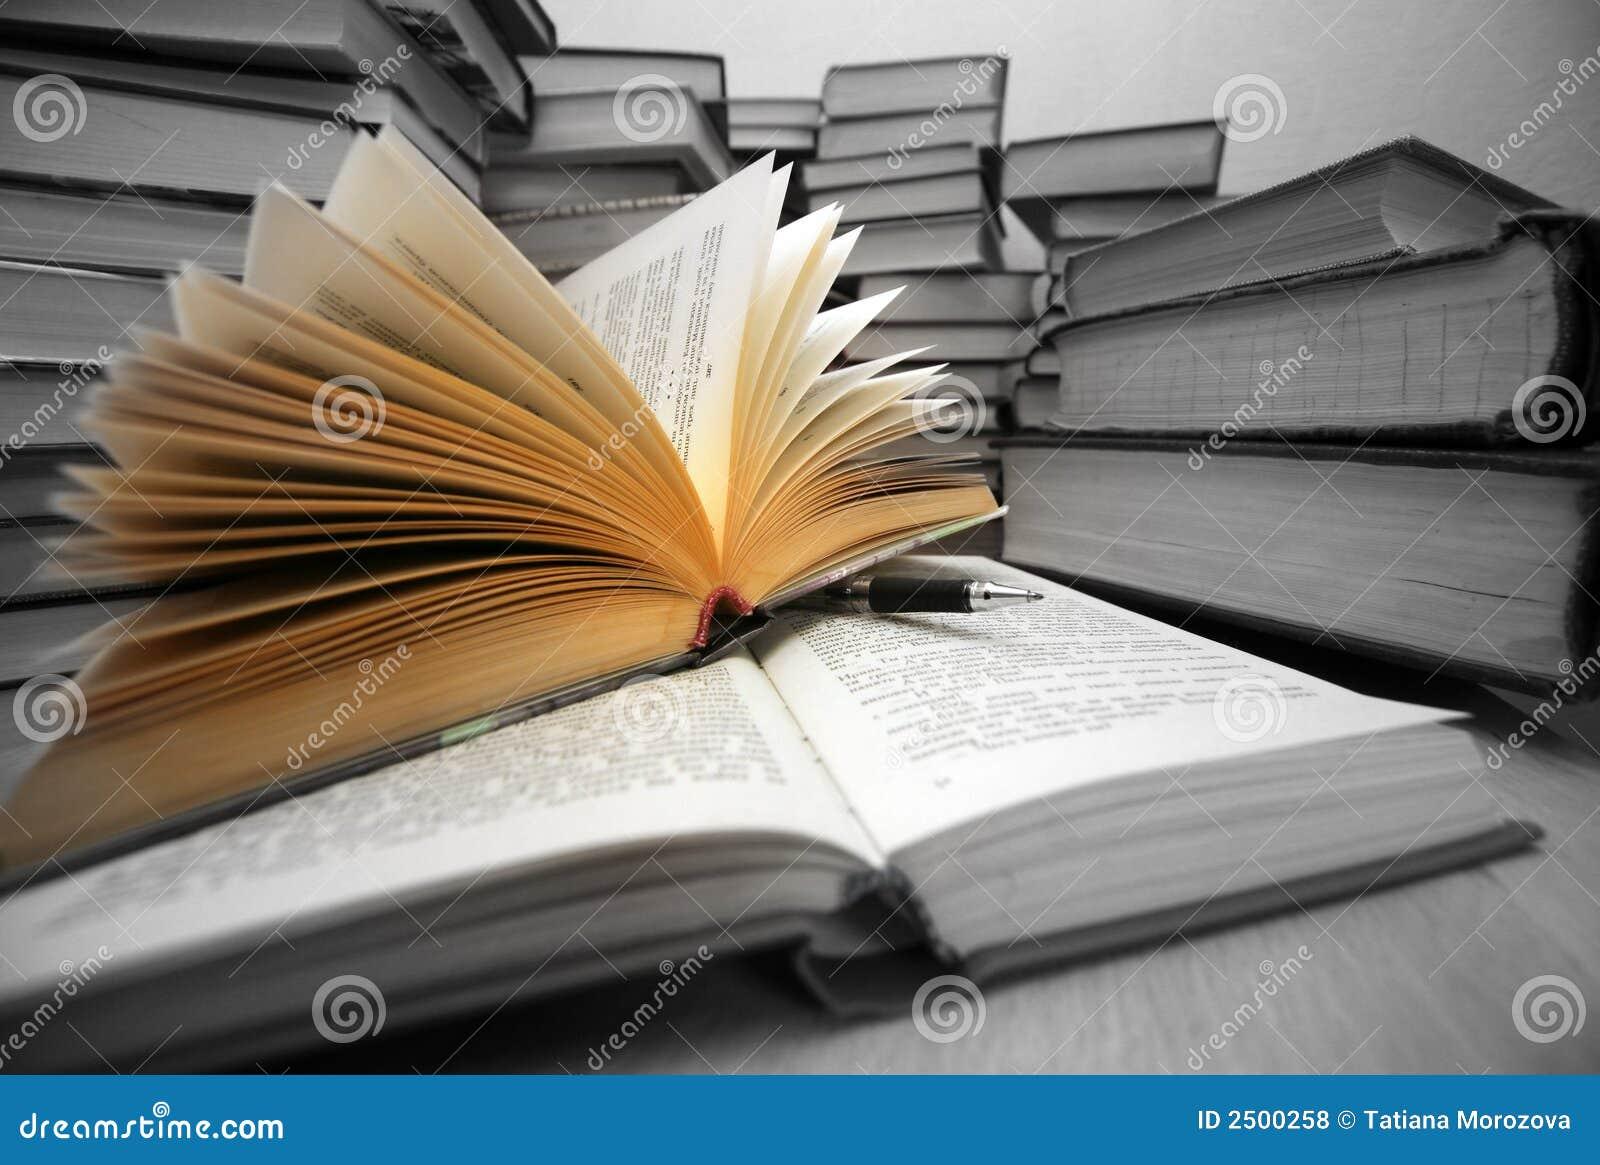 światło wiedzy